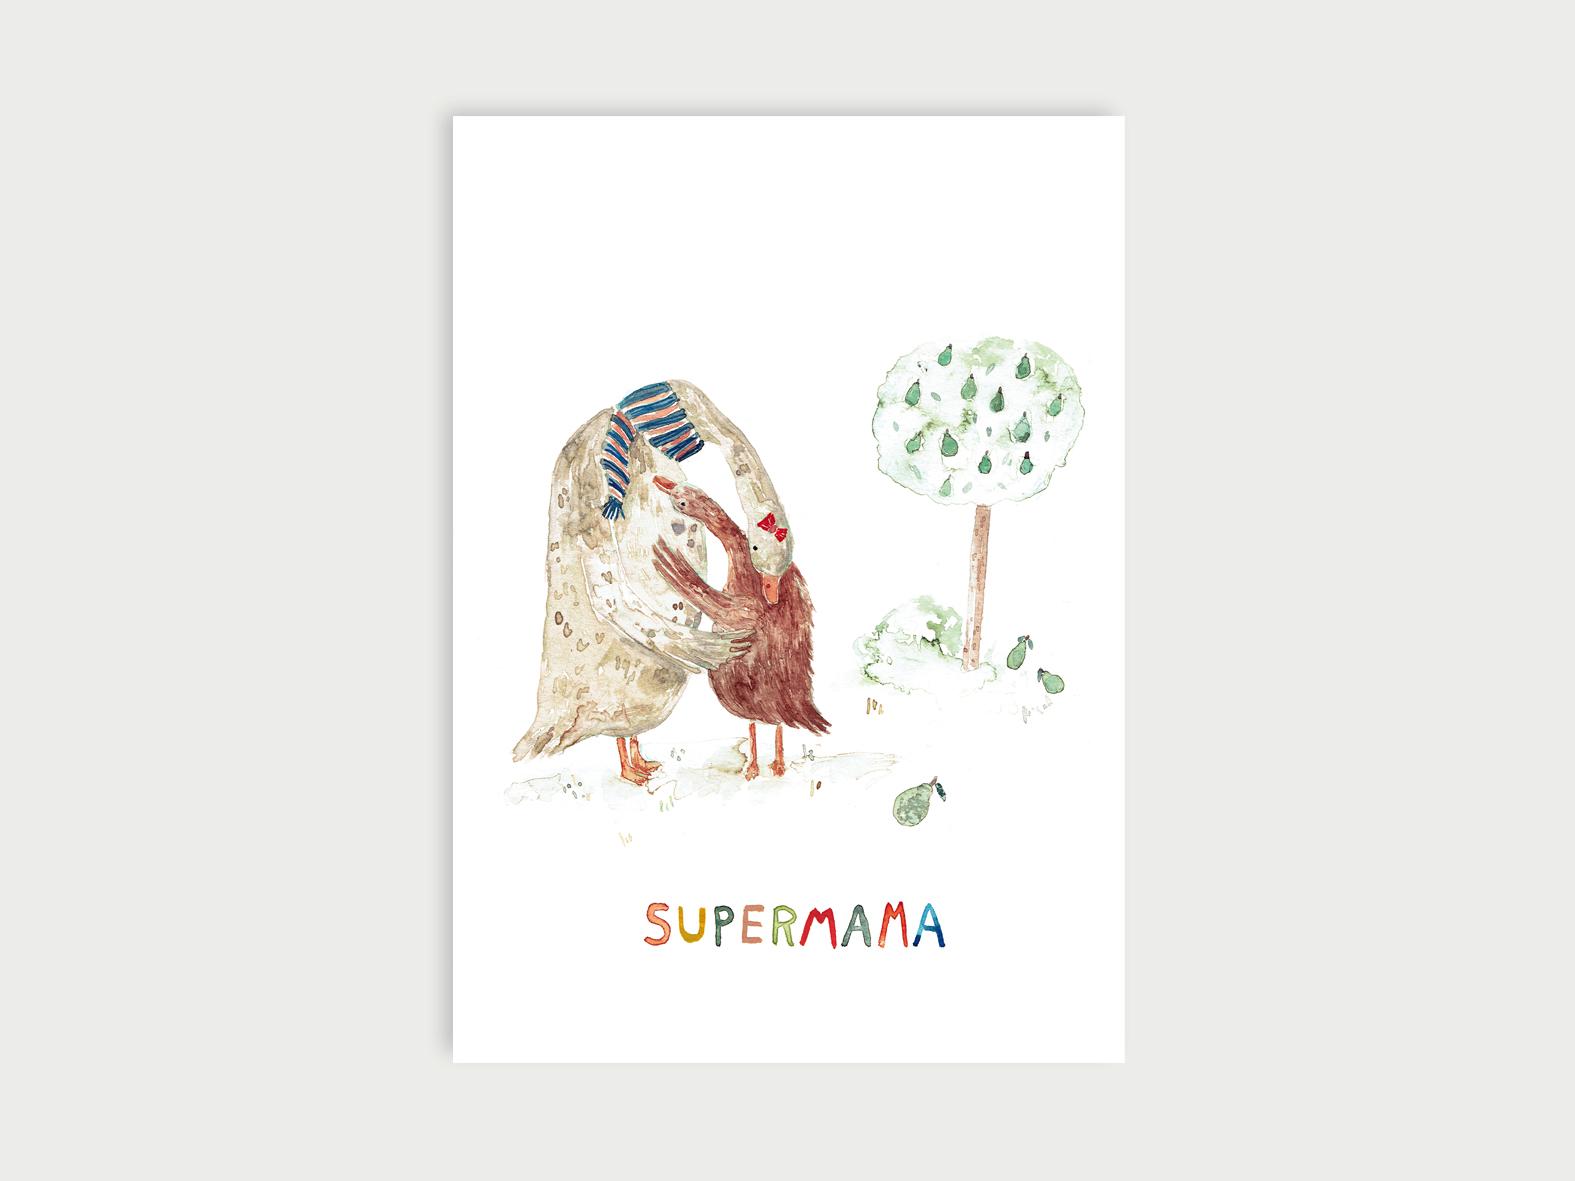 Supermama_Bispinck_vorlage